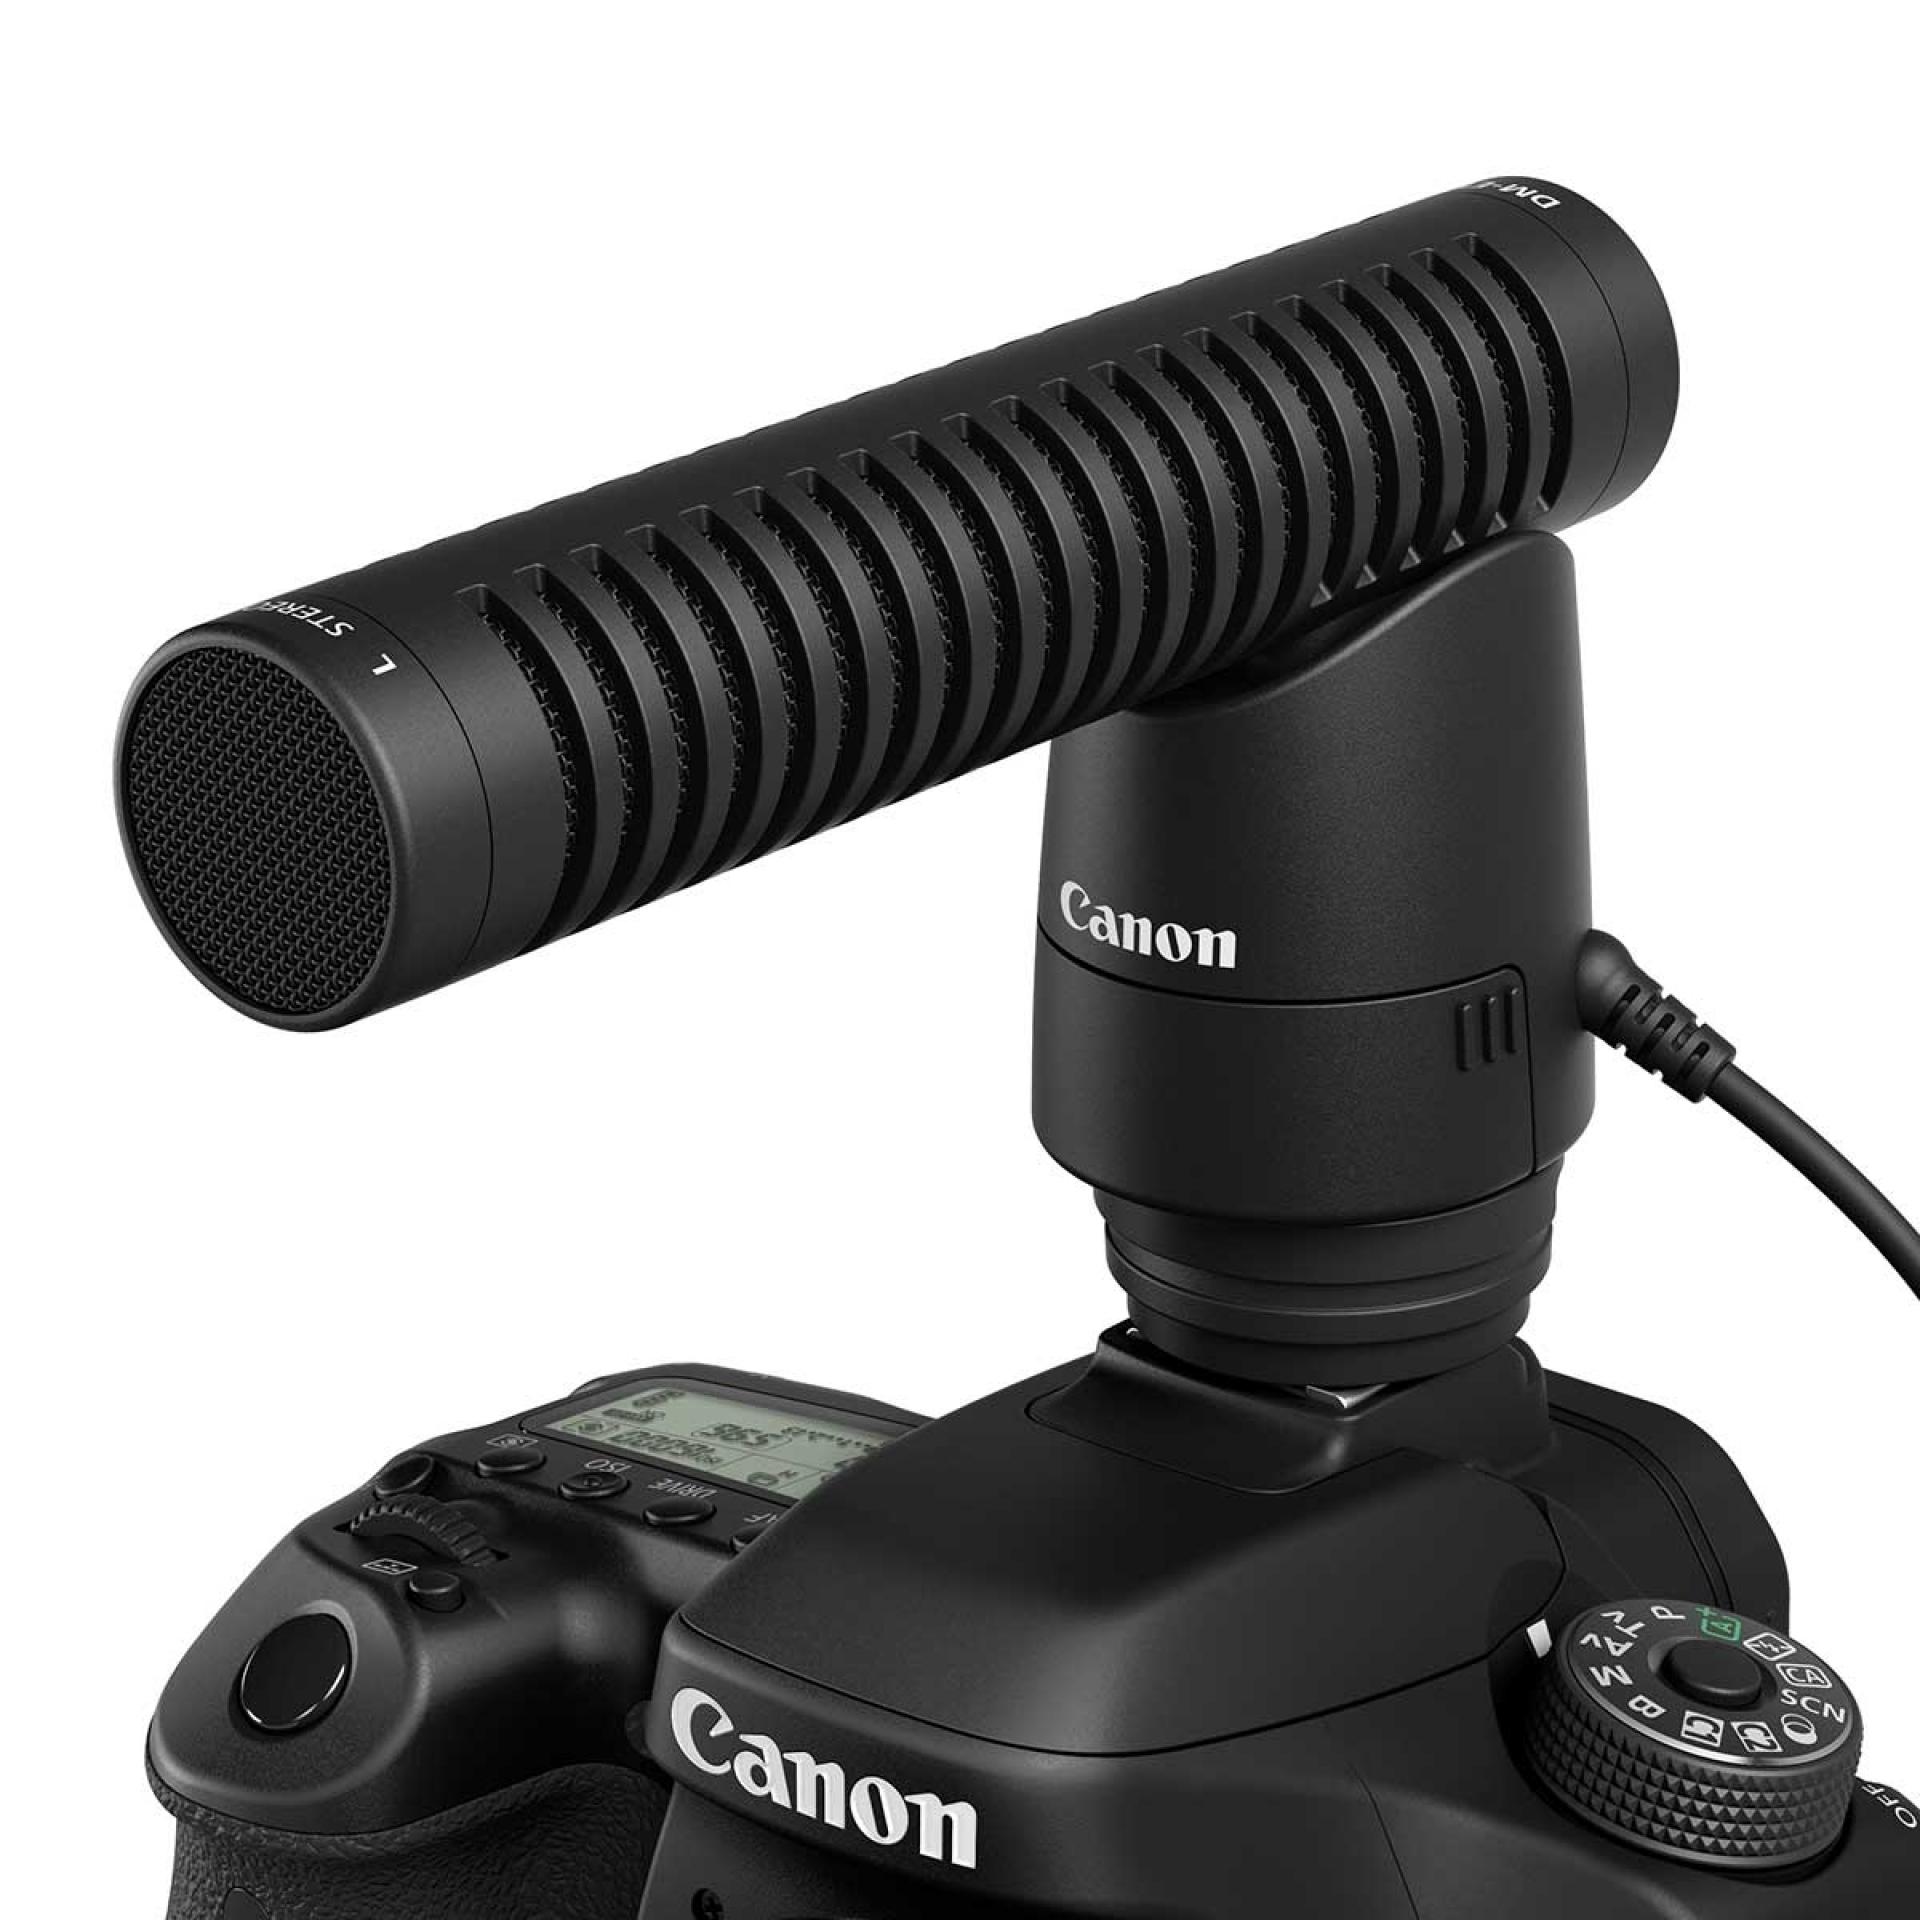 Canon, Filmen mit der EOS, Ton, externes Mikrofon